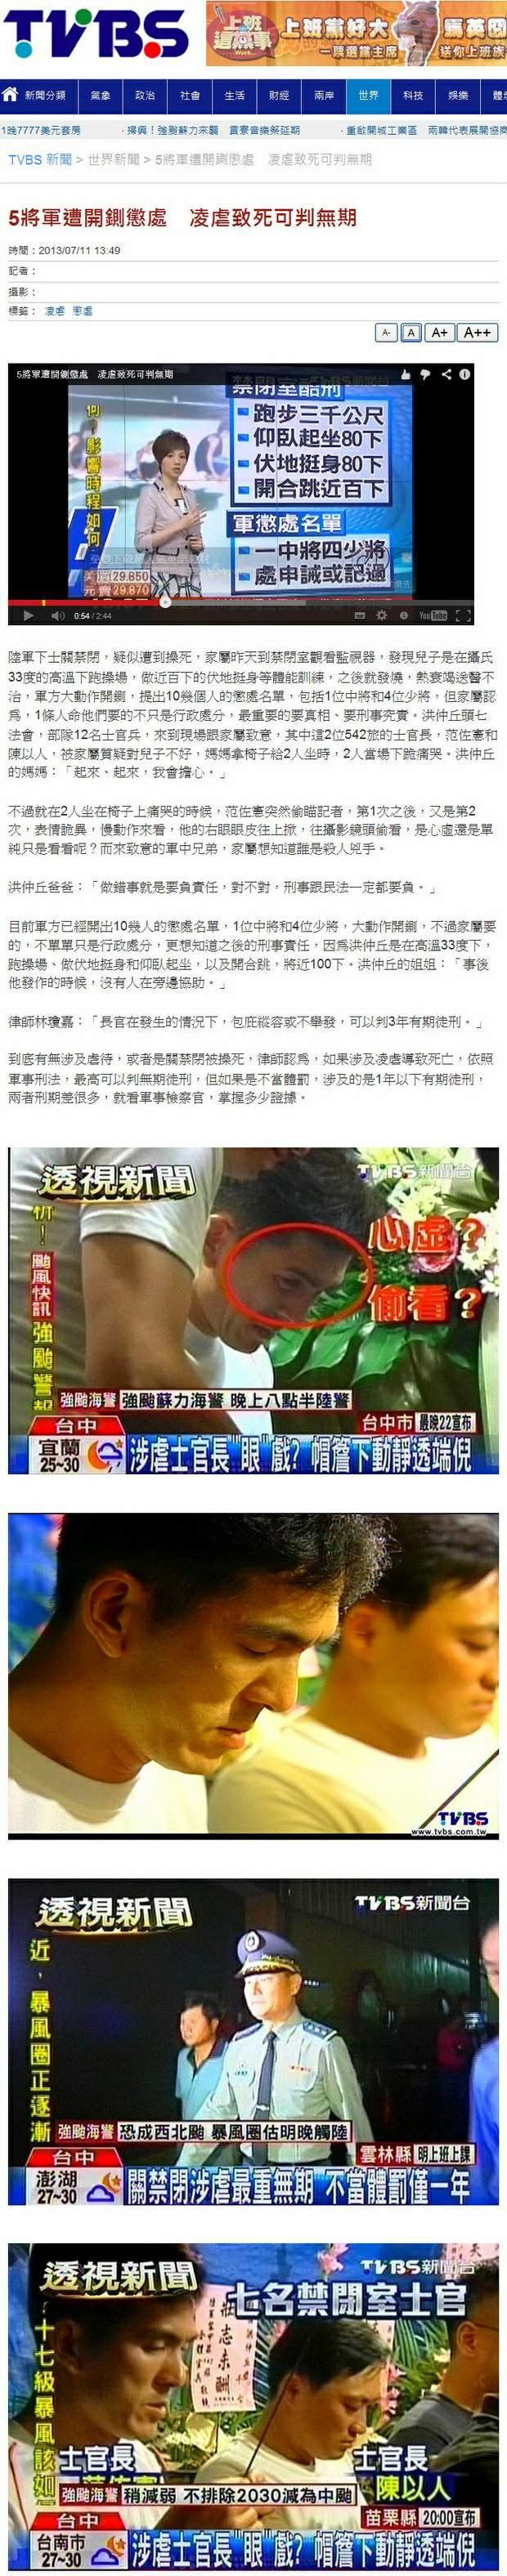 5將軍遭開鍘懲處 凌虐致死可判無期-2013.07.11.jpg